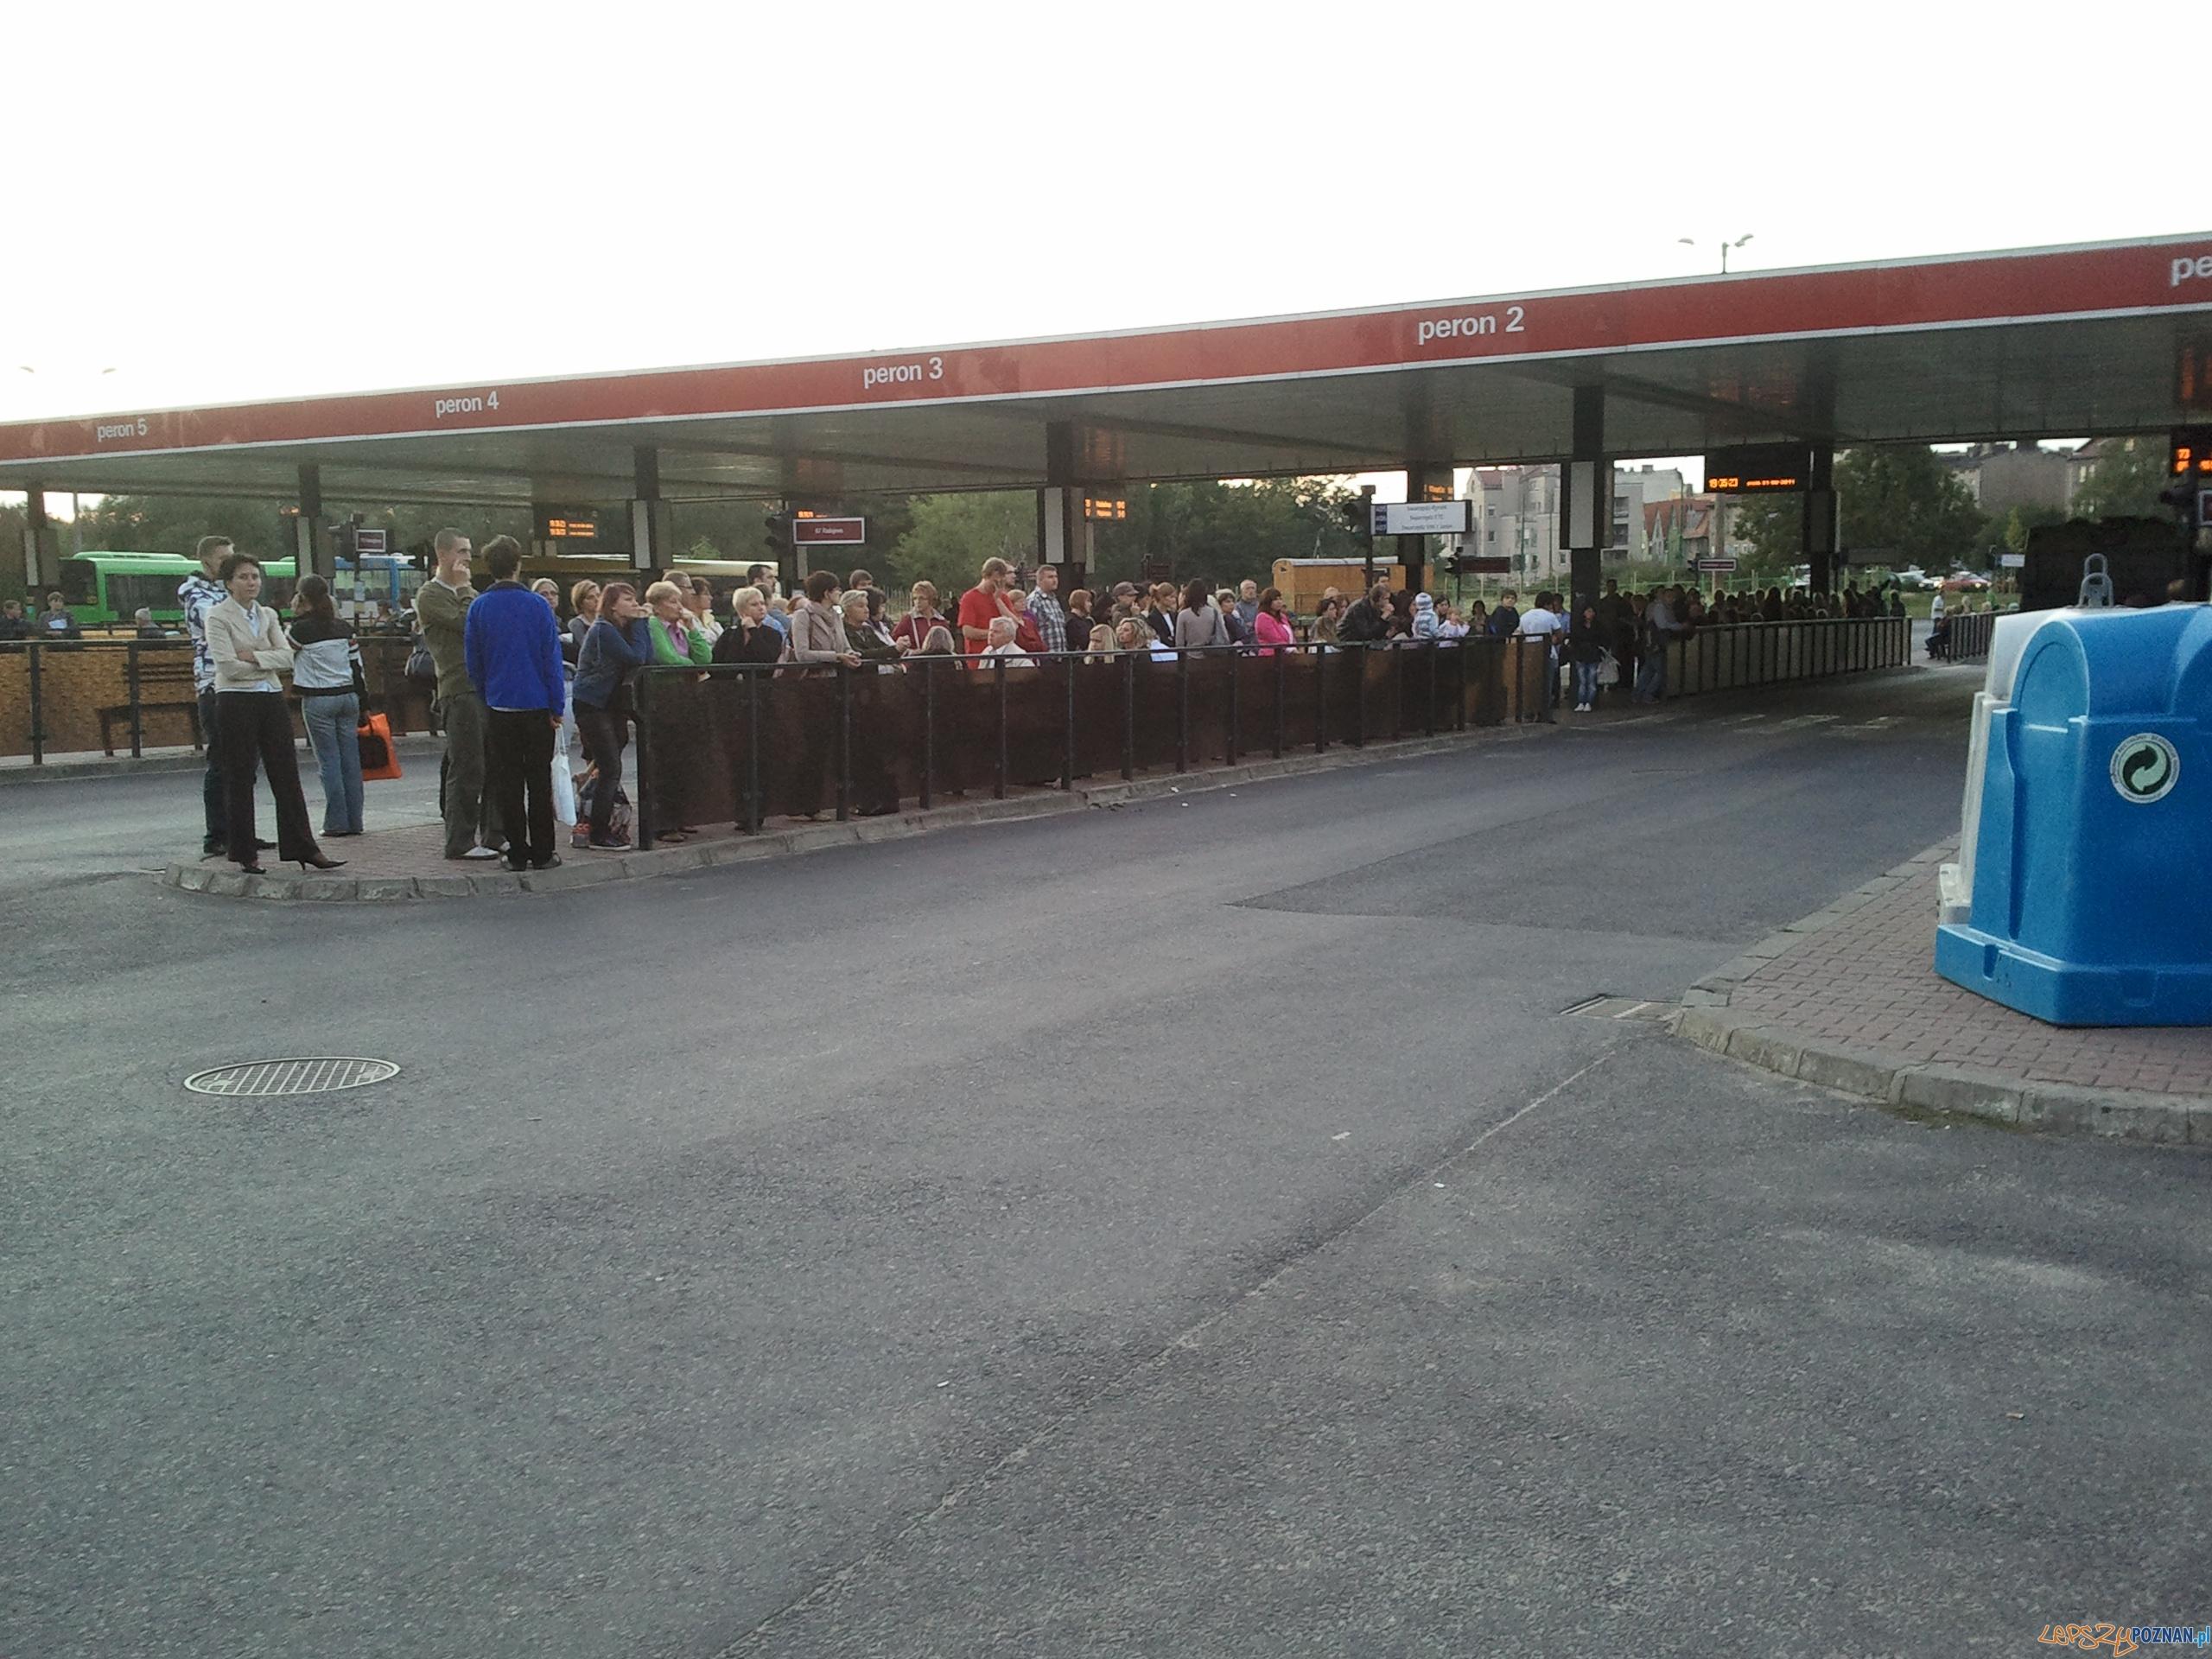 Korek gigant - rondo Śródka - pasażerowie czekają na autobus  Foto: LepszyPOZNAN.pl/gsm